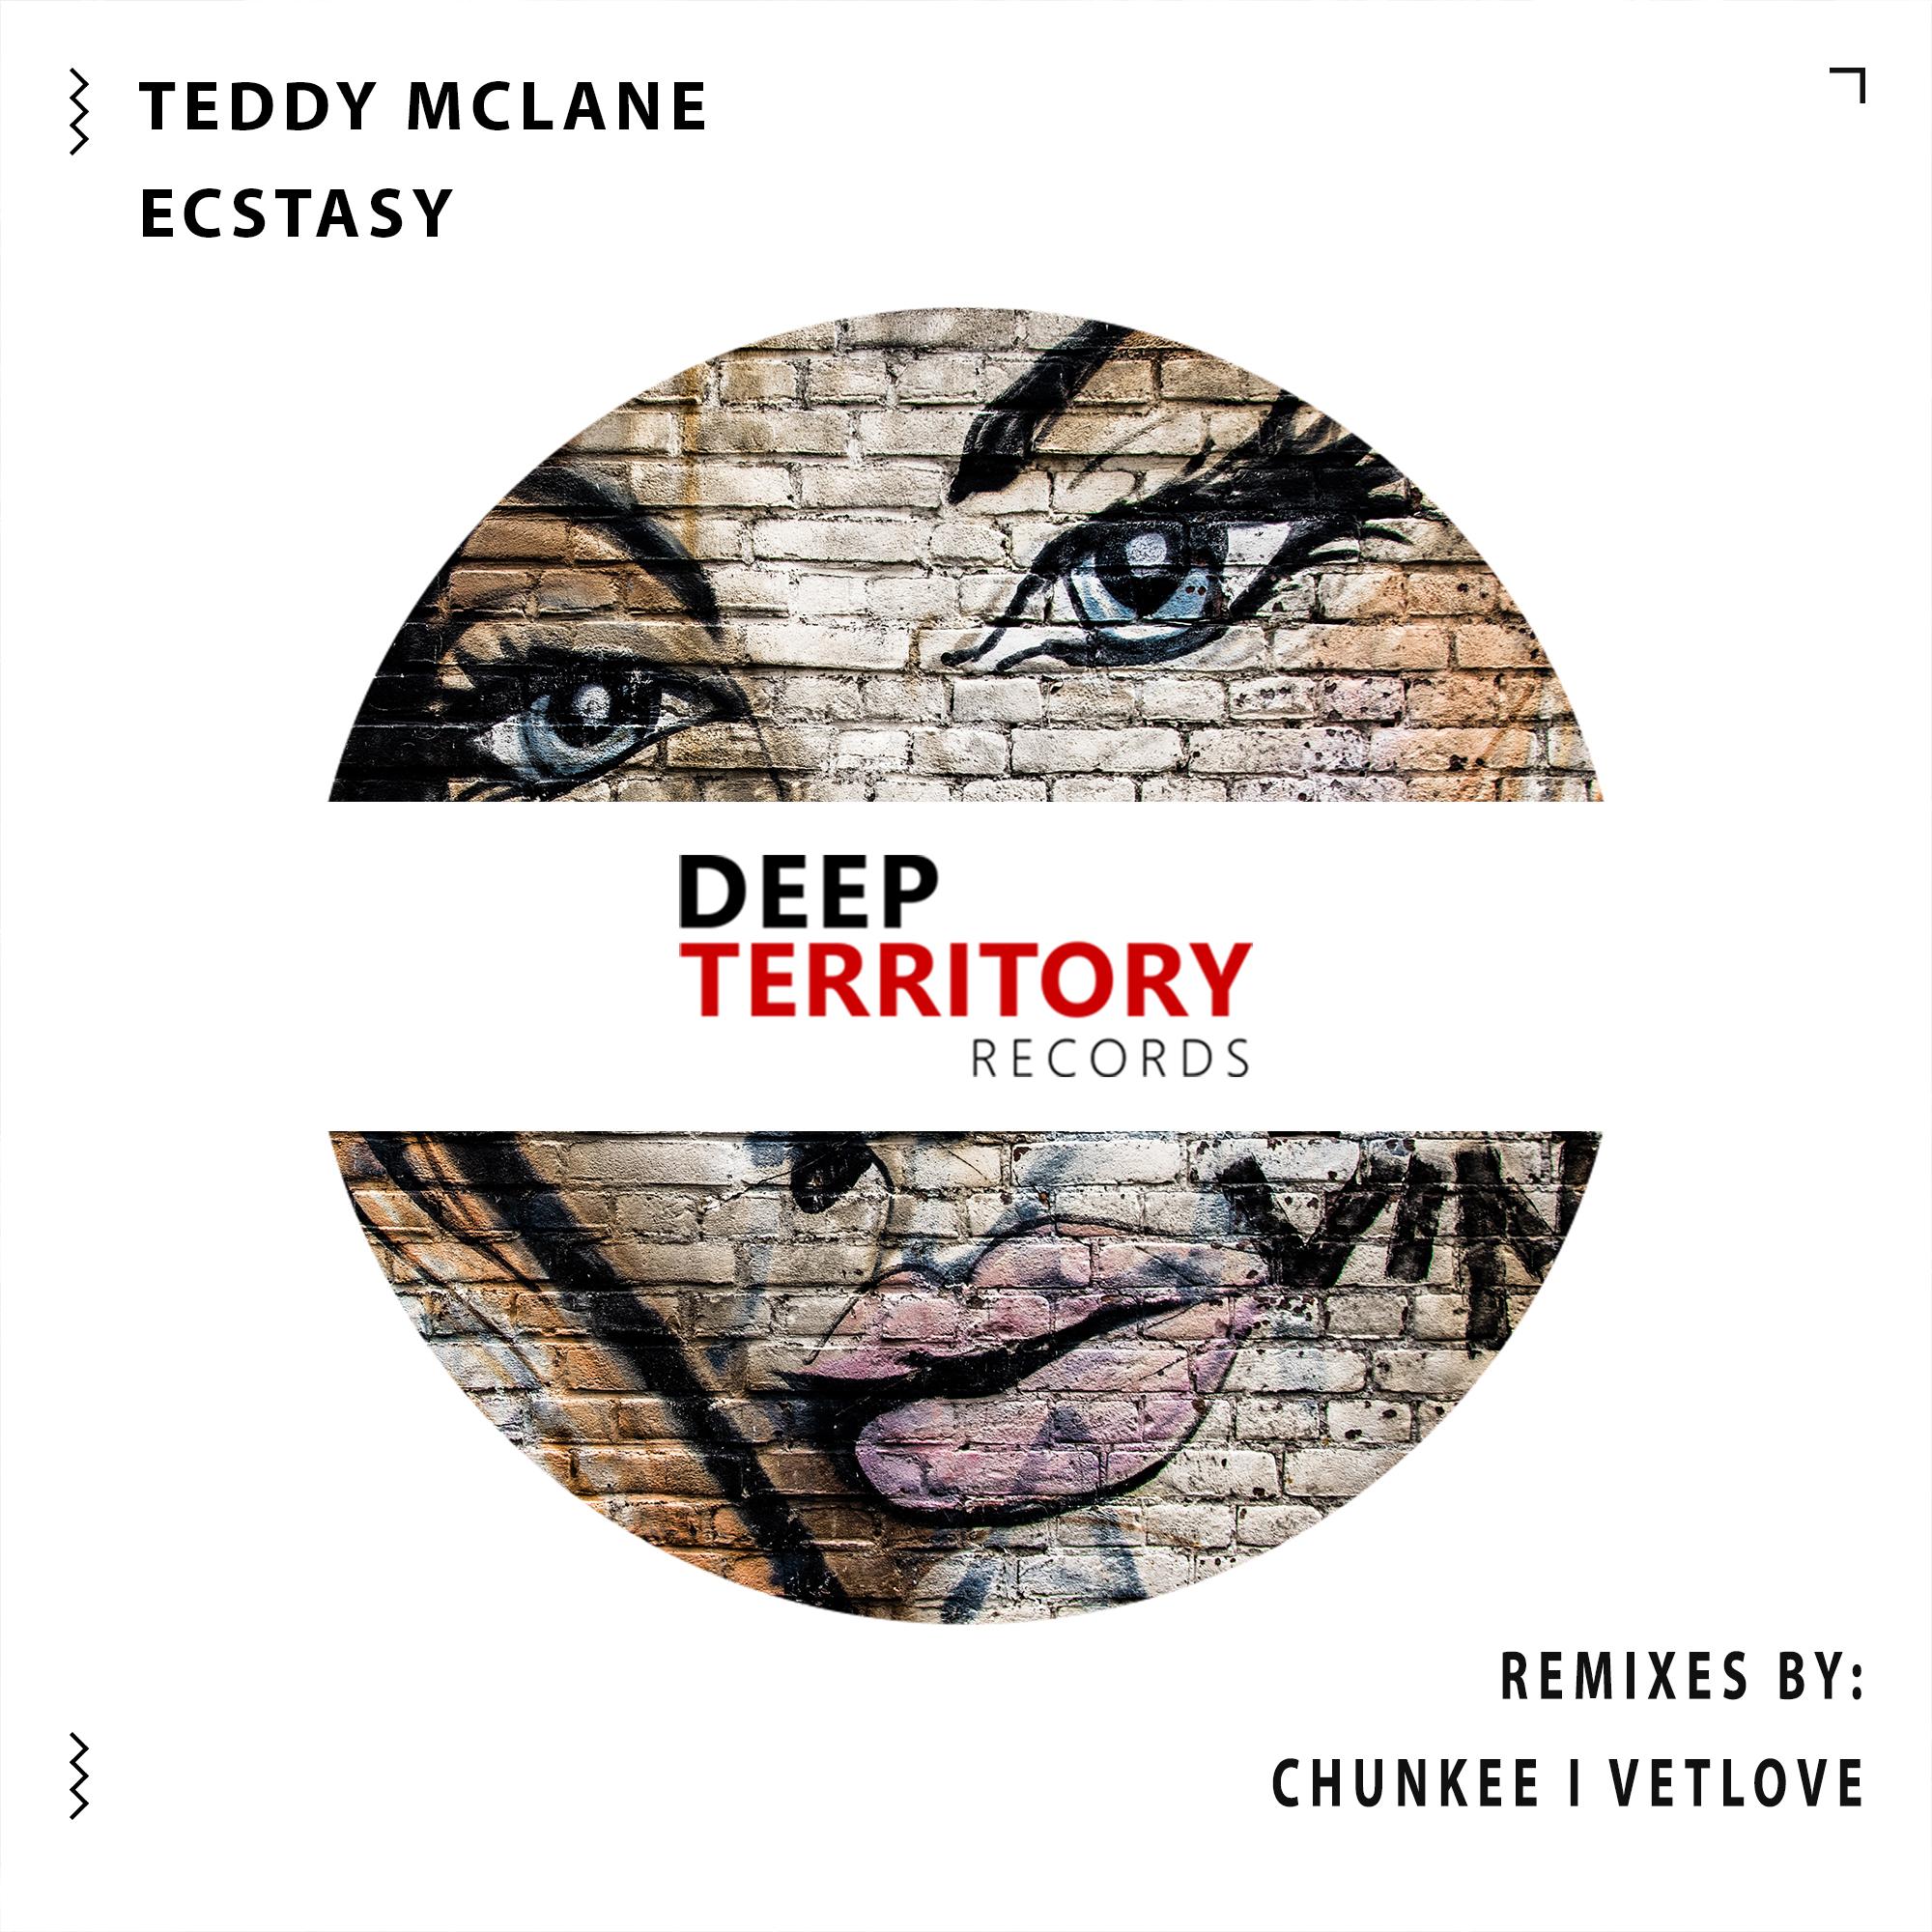 Teddy McLane - Ecstasy